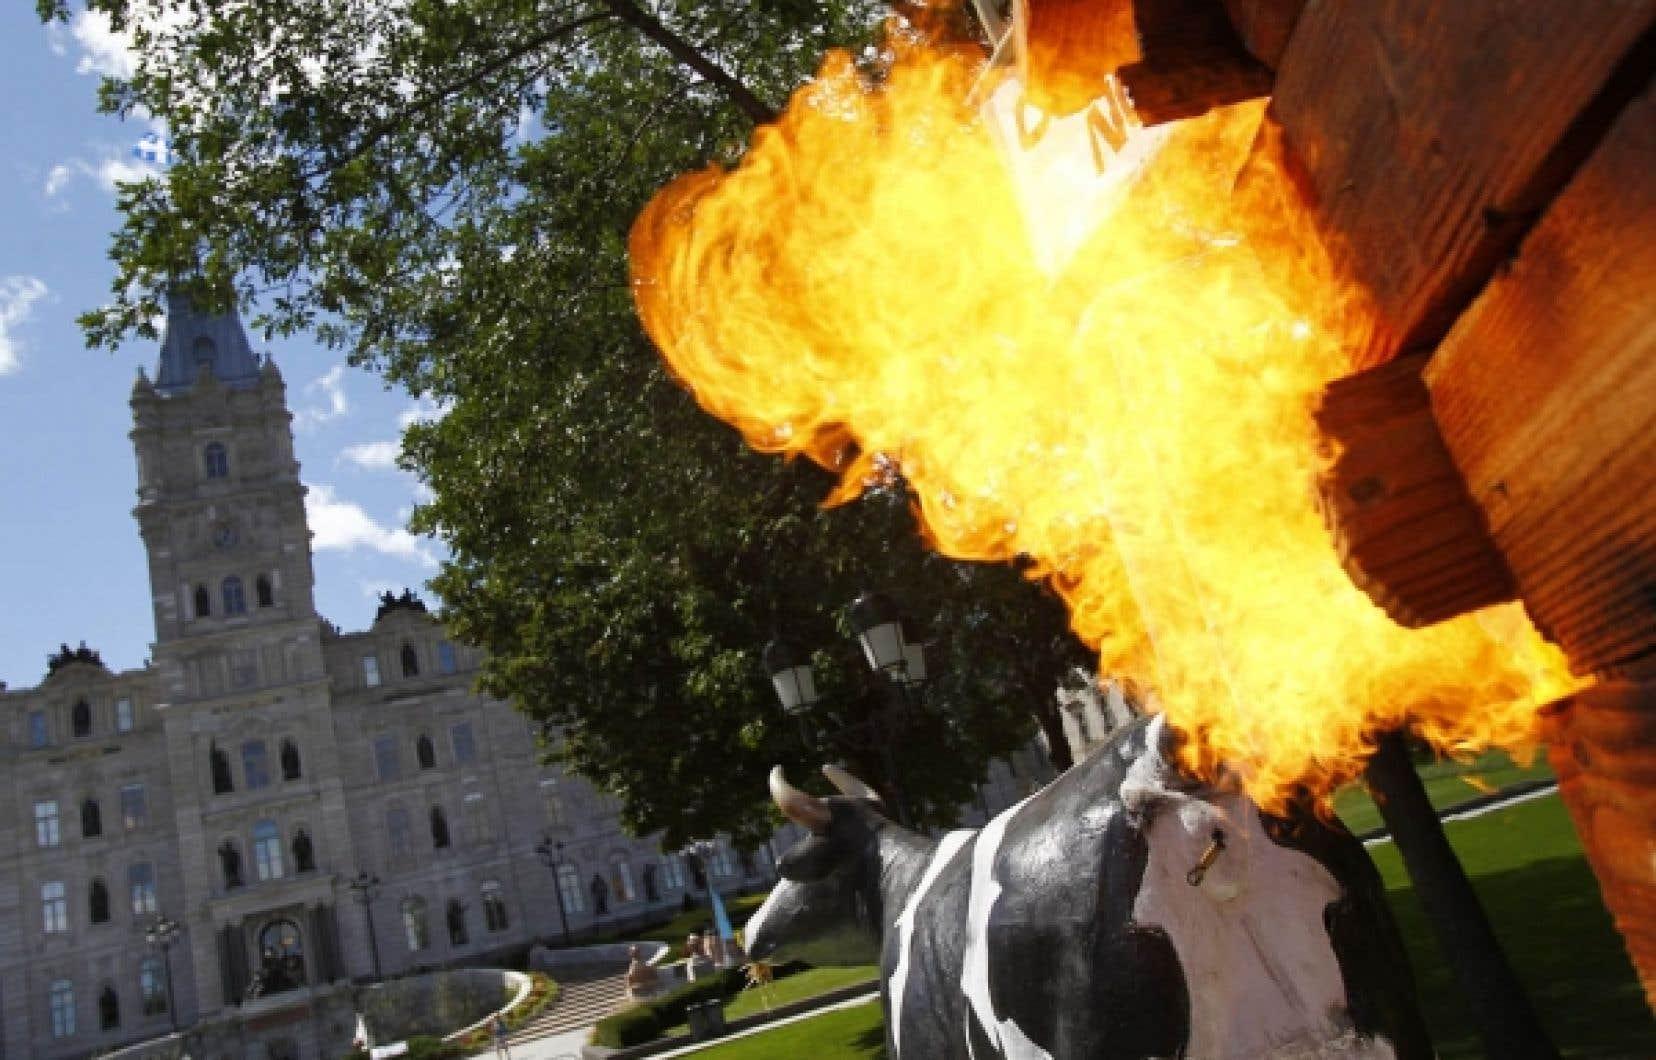 Les opposants à l'exploitation des gaz de schiste n'ont pas manqué de rappeler une déclaration de la ministre des Ressources naturelles selon laquelle une vache émettait plus de CO2 qu'un puits de gaz de schiste.<br />